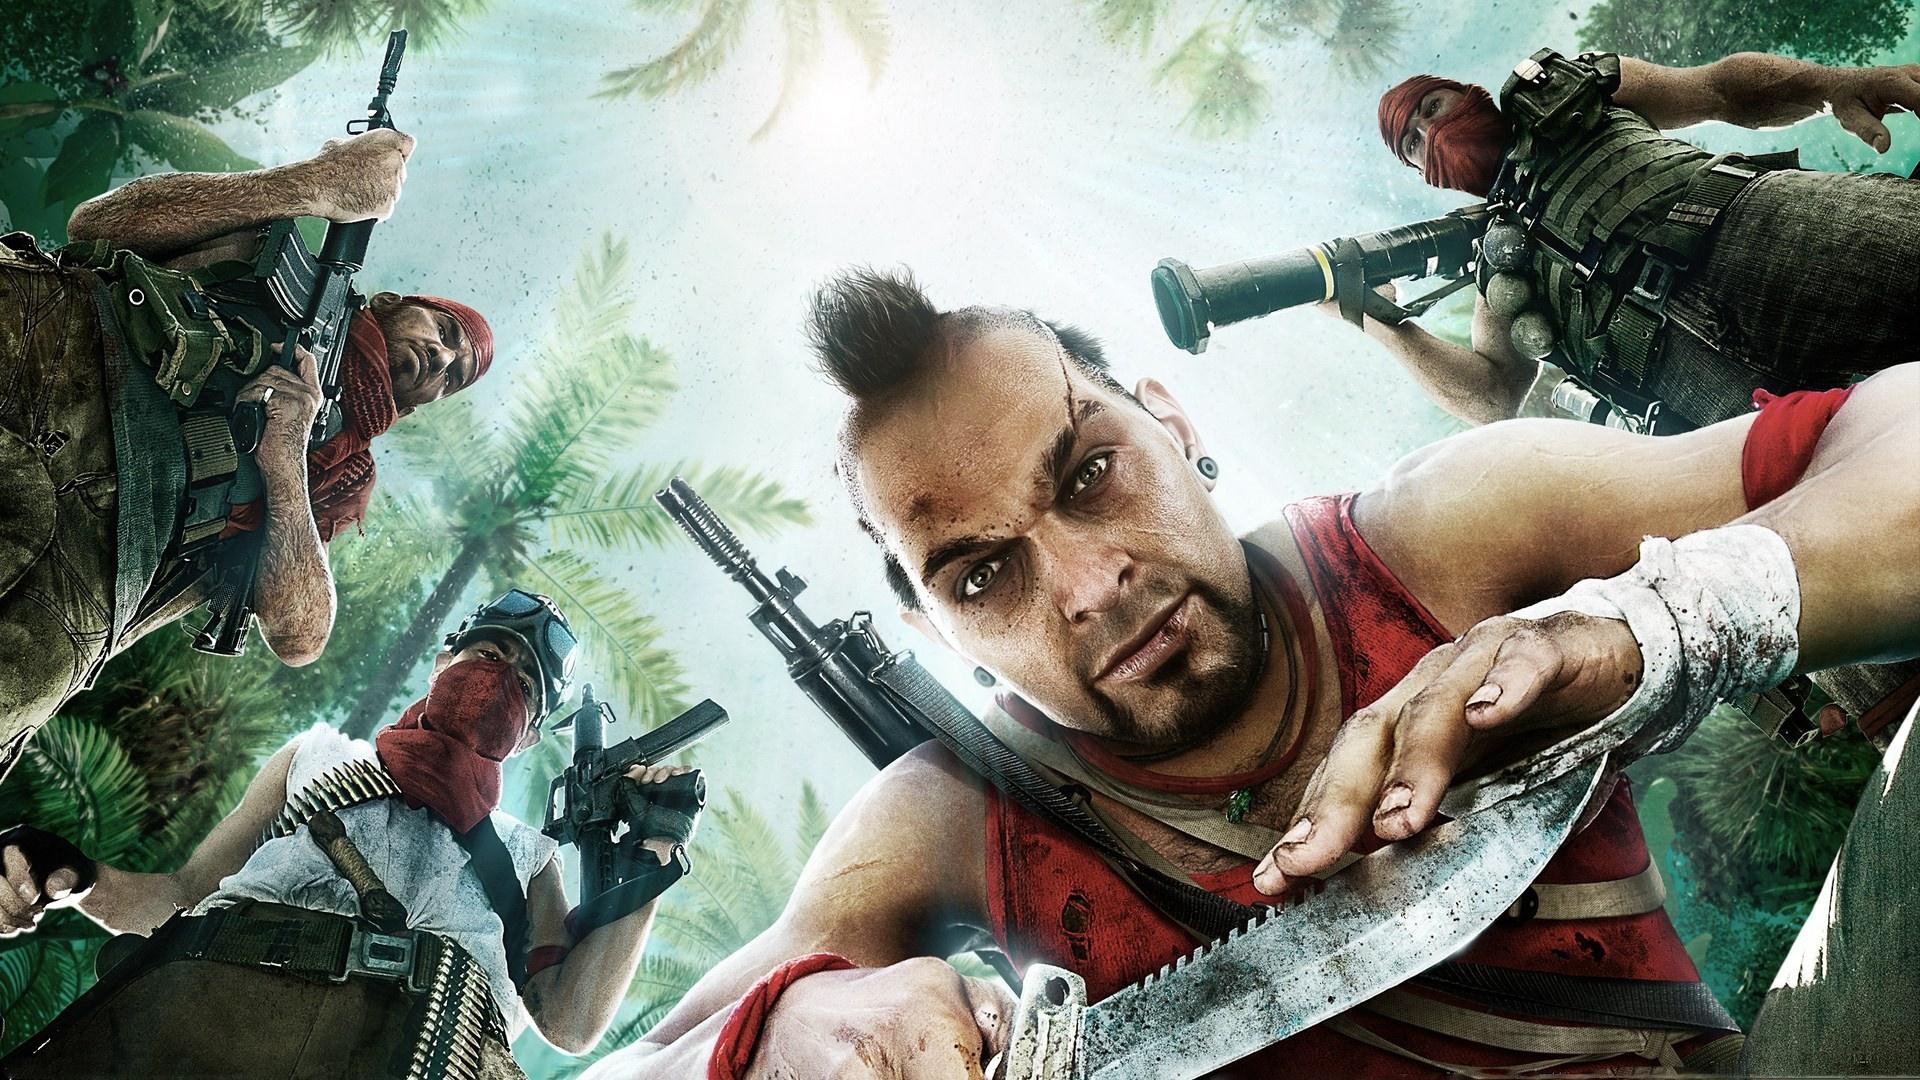 Papéis De Parede PC Jogo Far Cry 3 1920x1080 Full HD 2K Imagem